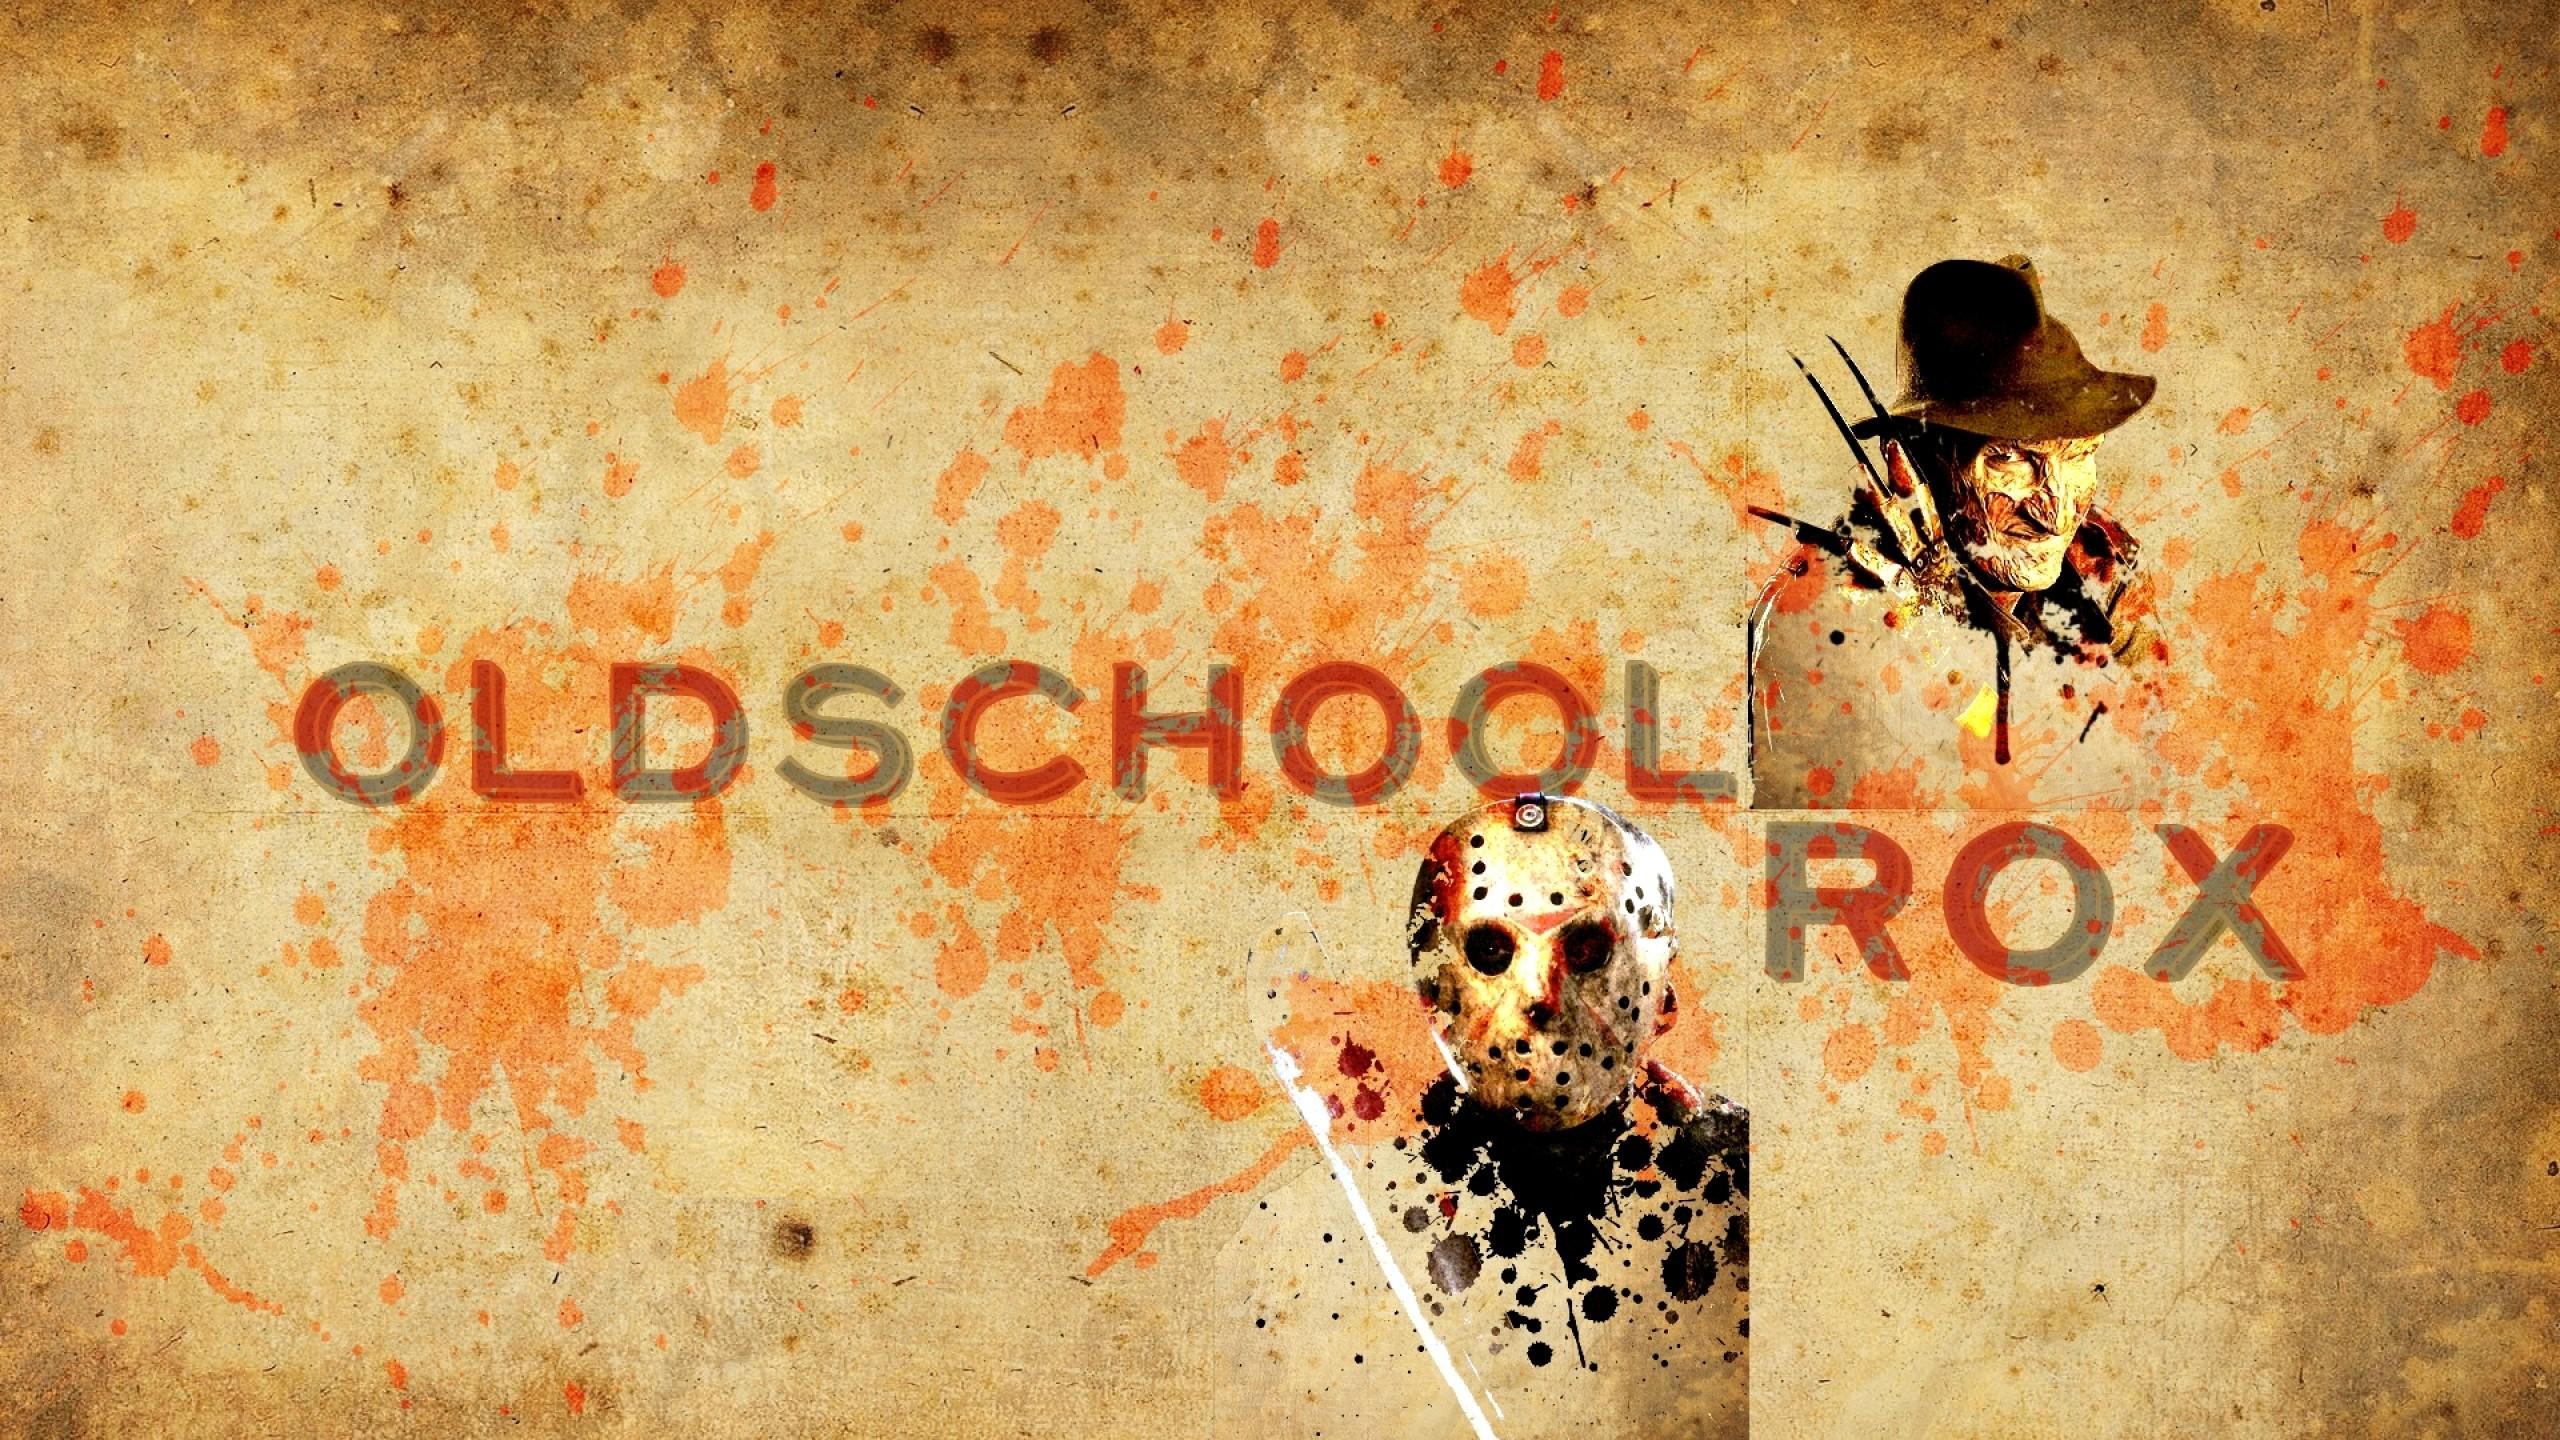 dark oldschool freddy vs jason freddy krueger jason voorhees 1920×1080  wallpaper Art HD Wallpaper